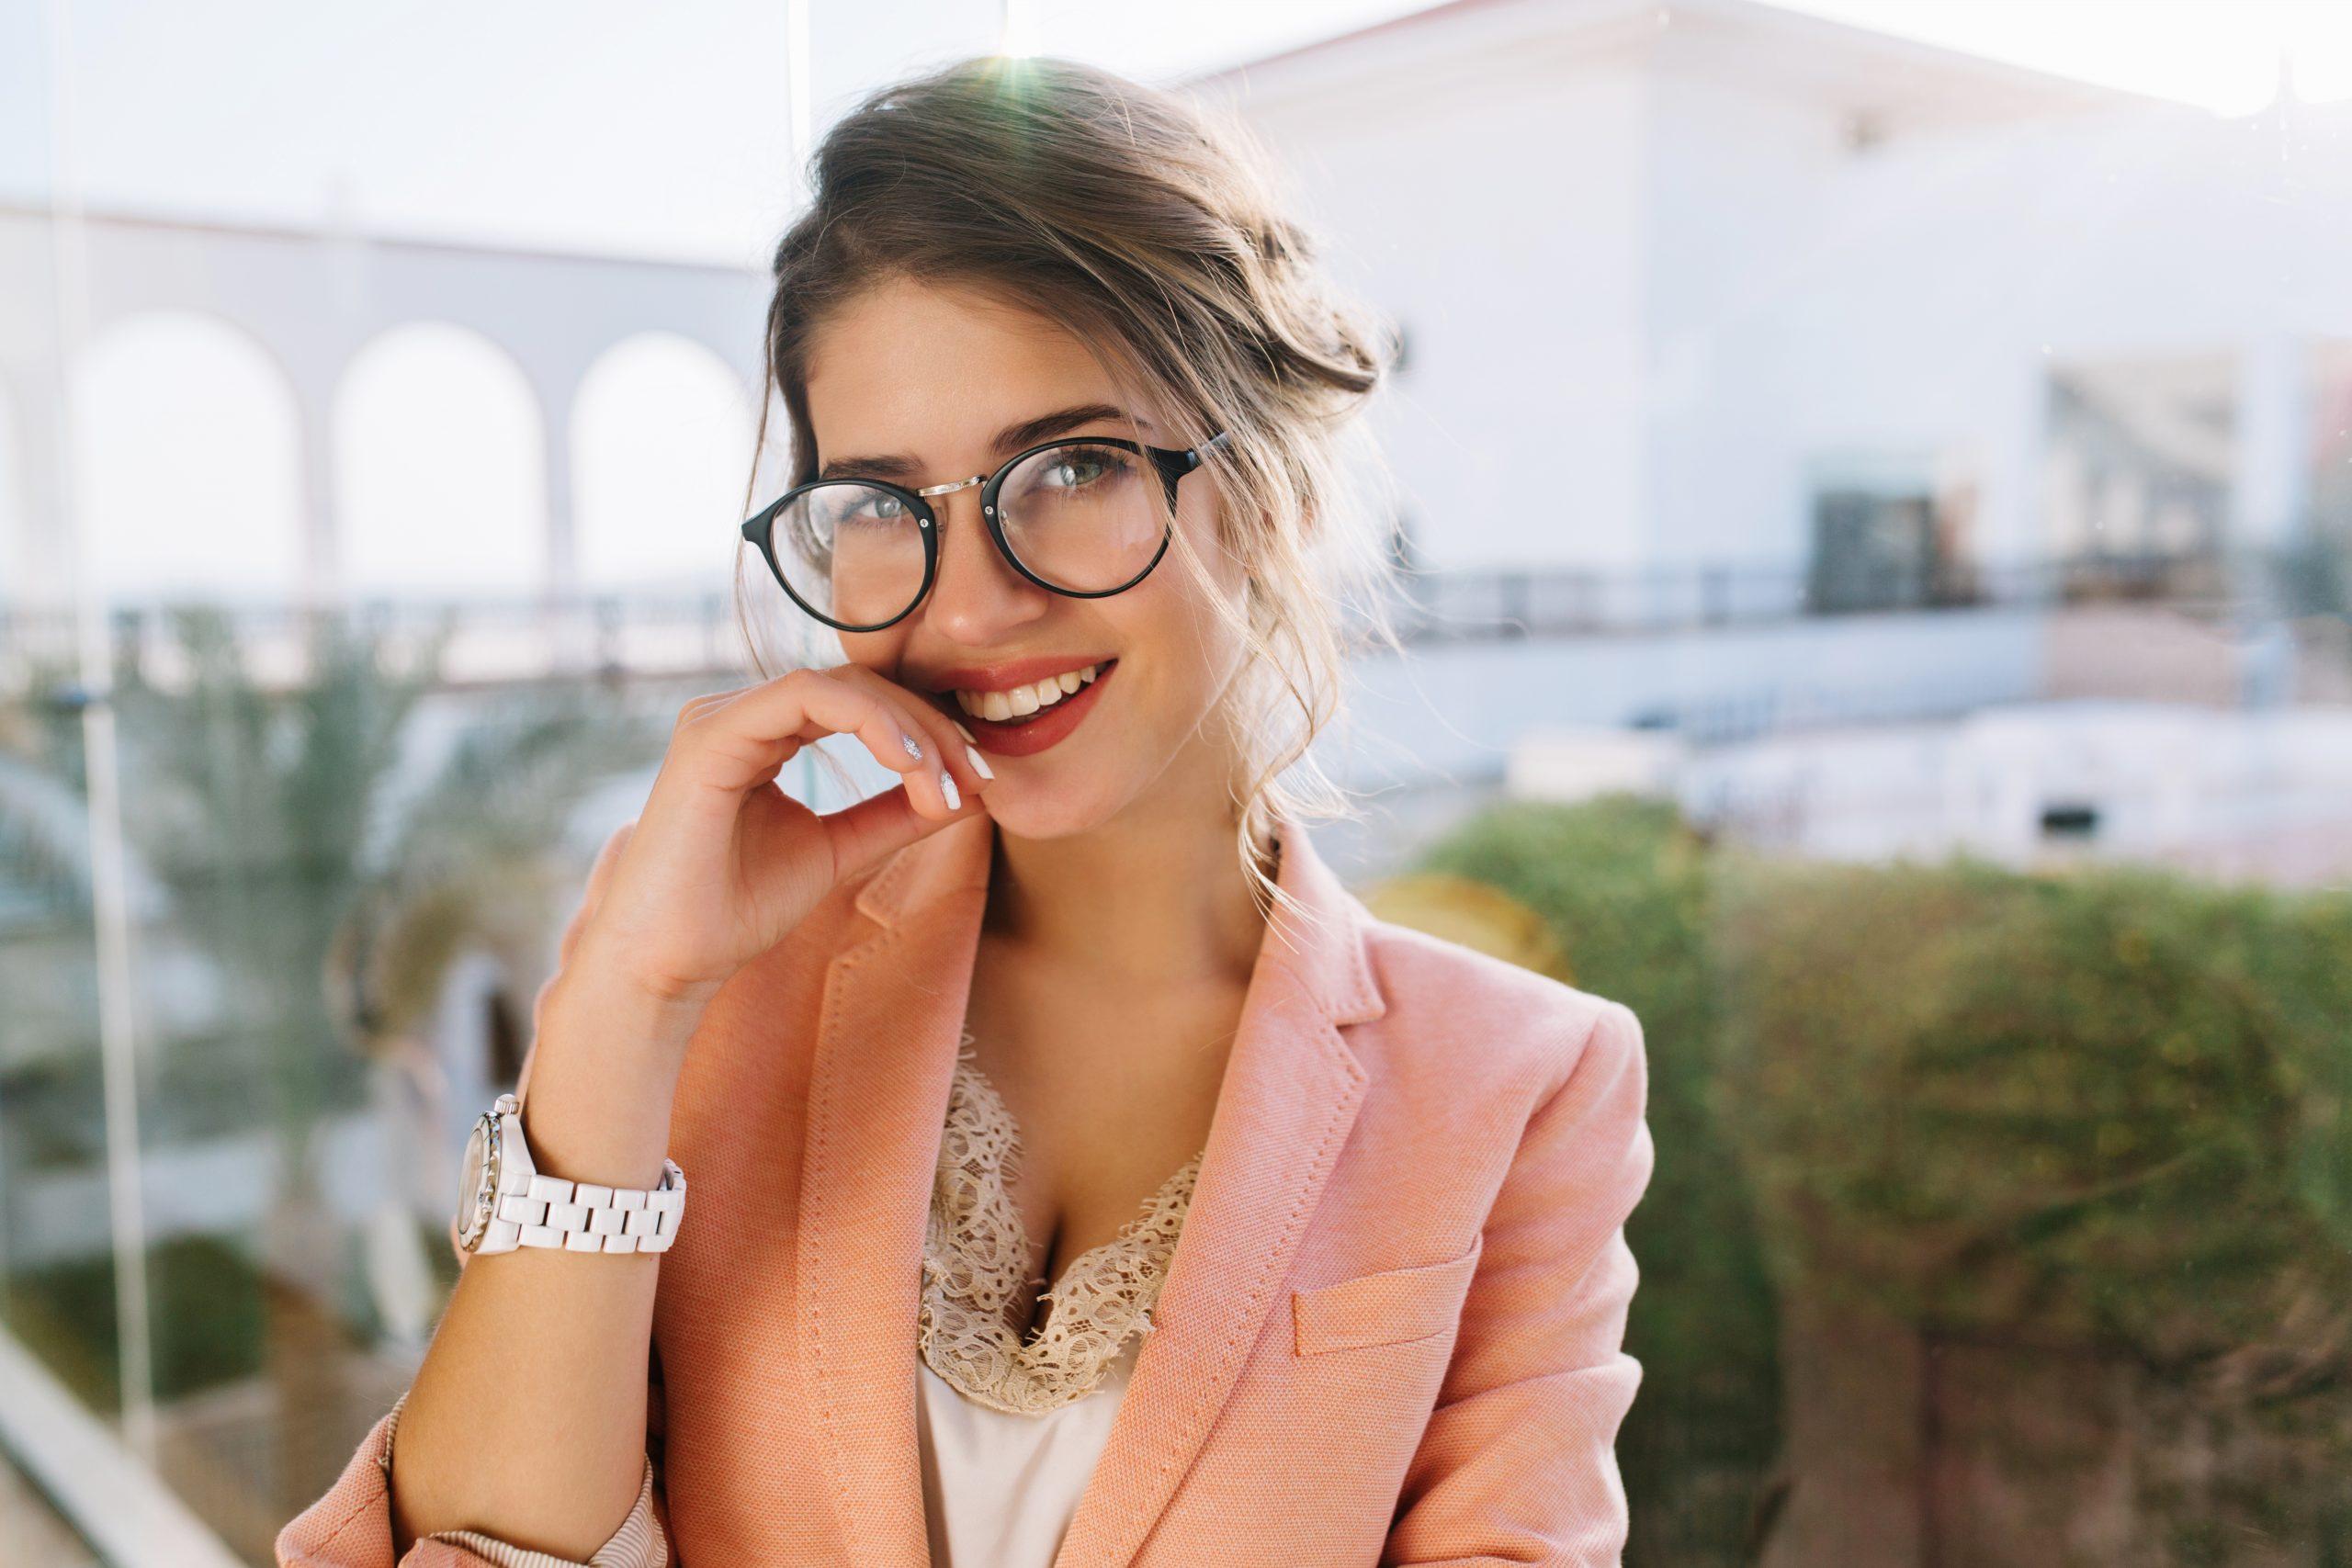 Rubi-tarotista-española-muy-solicitada-muchos-clientes-experta-en-amor